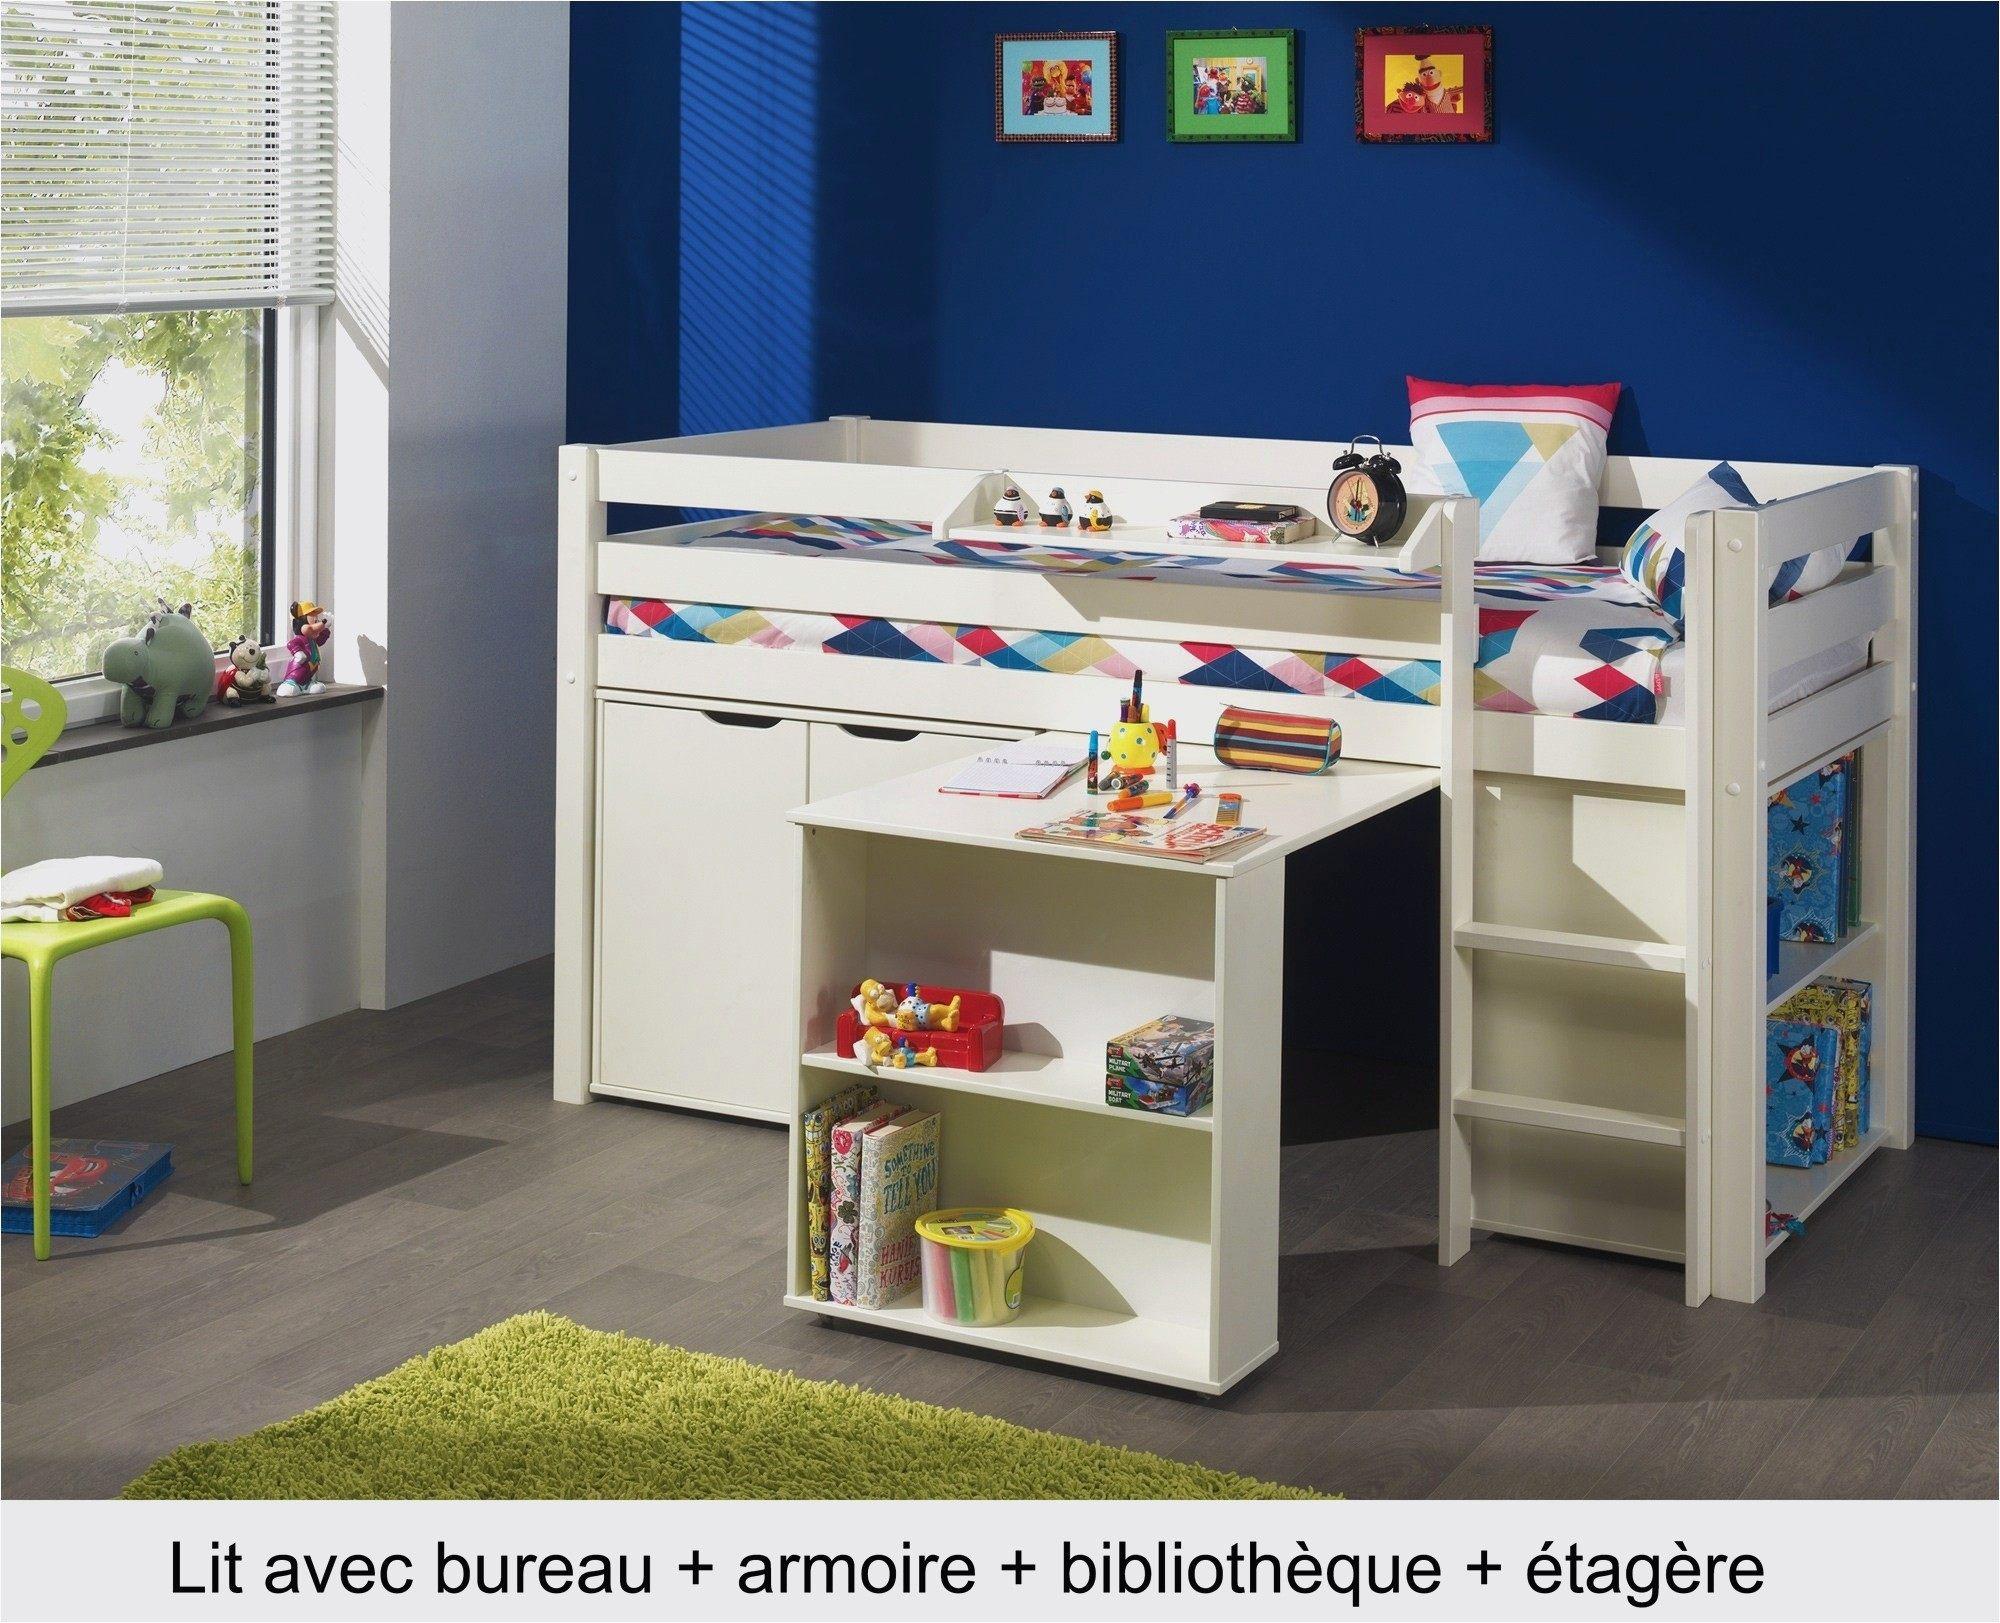 Lit Mezzanine Bureau Fly Charmant attrayant Lit Mezzanine Avec Bureau Et Armoire Avec Lit Mezzanine